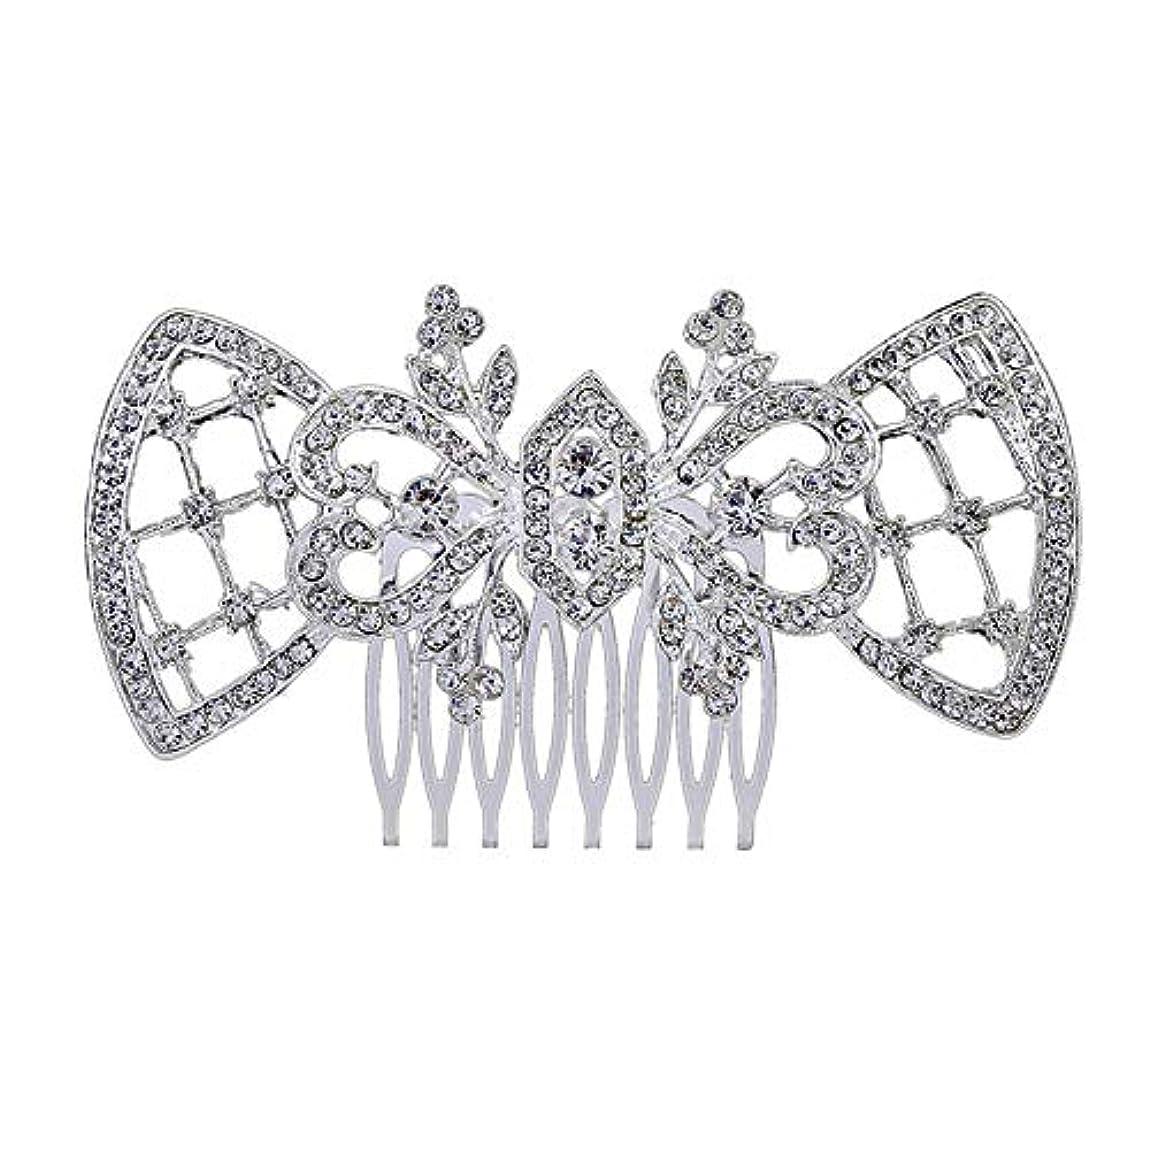 分泌する線霊髪の櫛、櫛、ブライダル髪、髪の櫛、ハート形、ラインストーンの櫛、合金の帽子、結婚式のアクセサリー